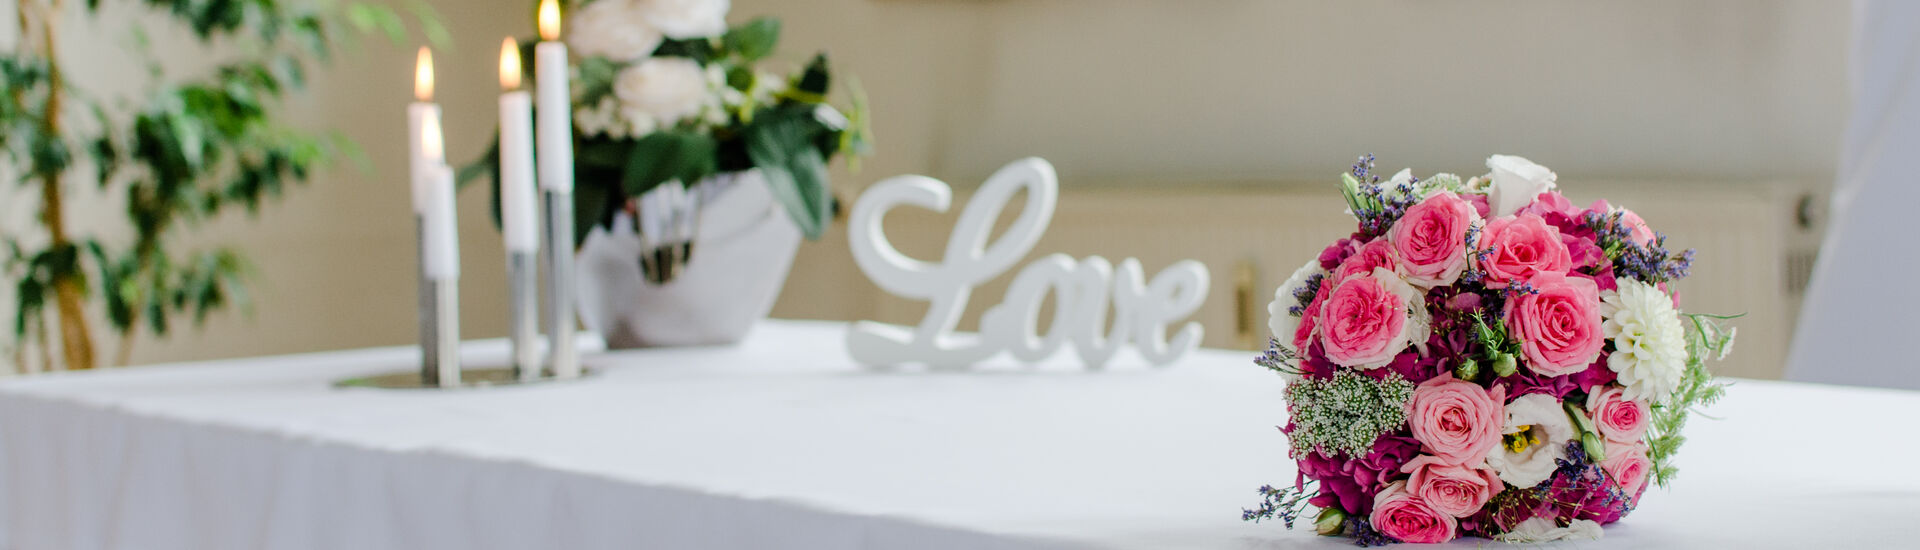 Heiraten in Ortenberg